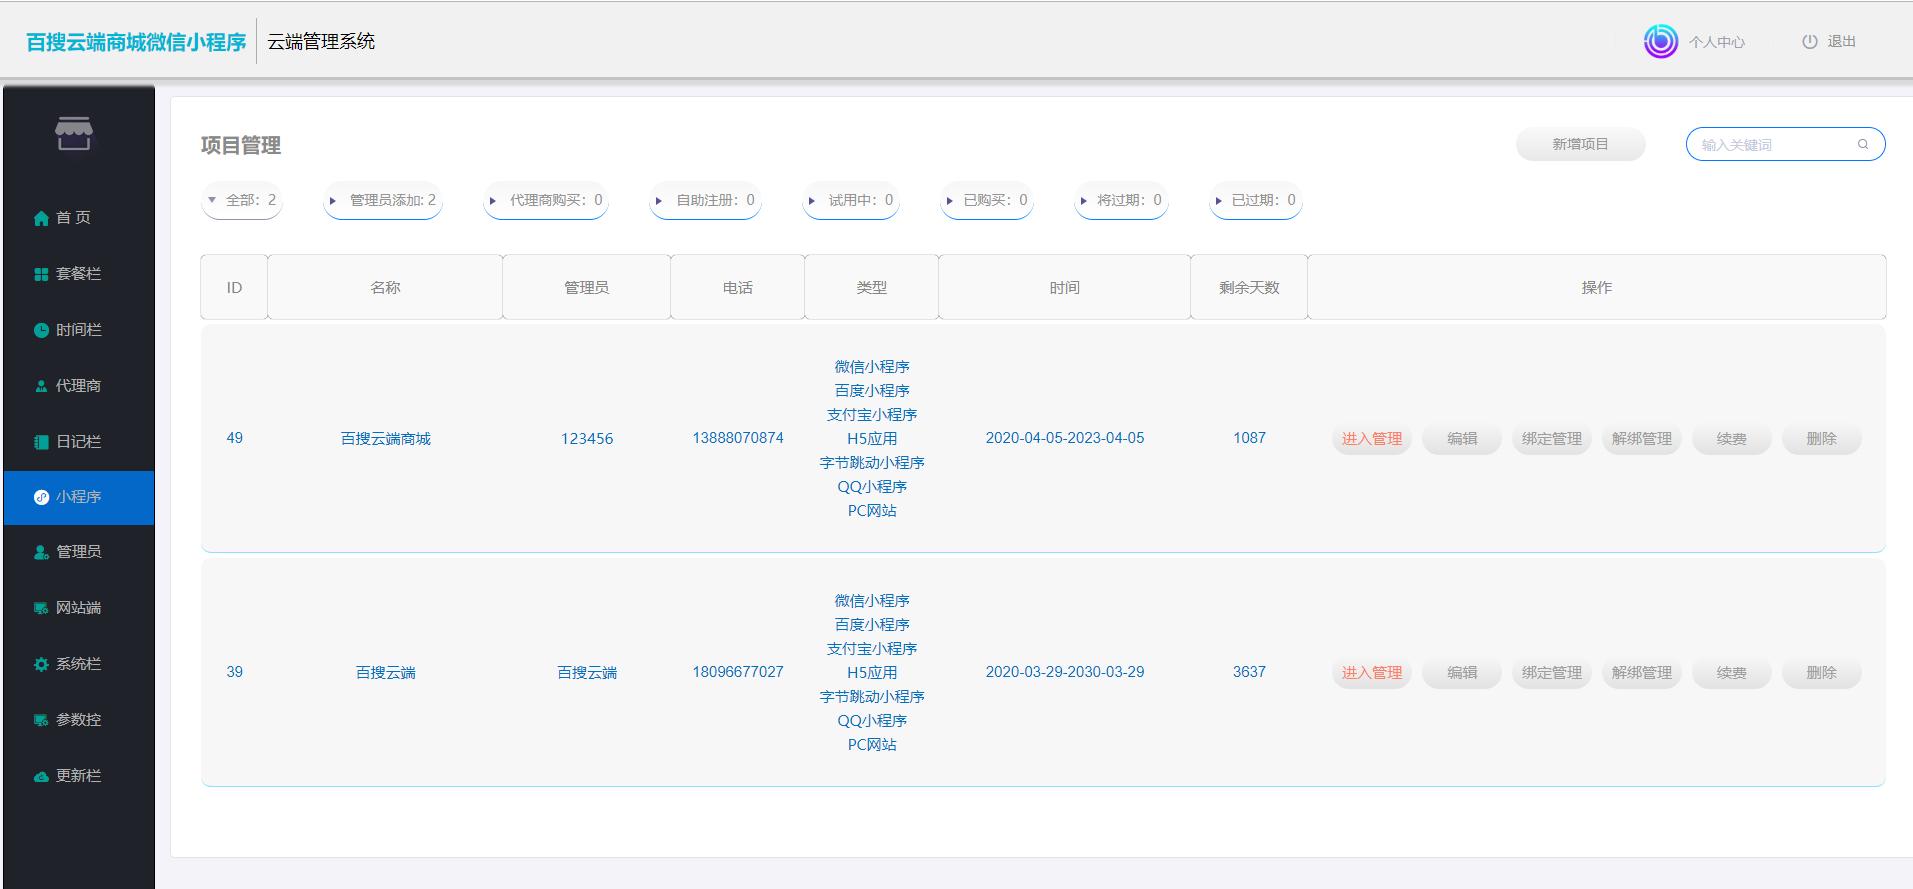 百搜云端商城小程序v5.0.01五端独立升级版万能全云端系统《全开源》-百搜源码网